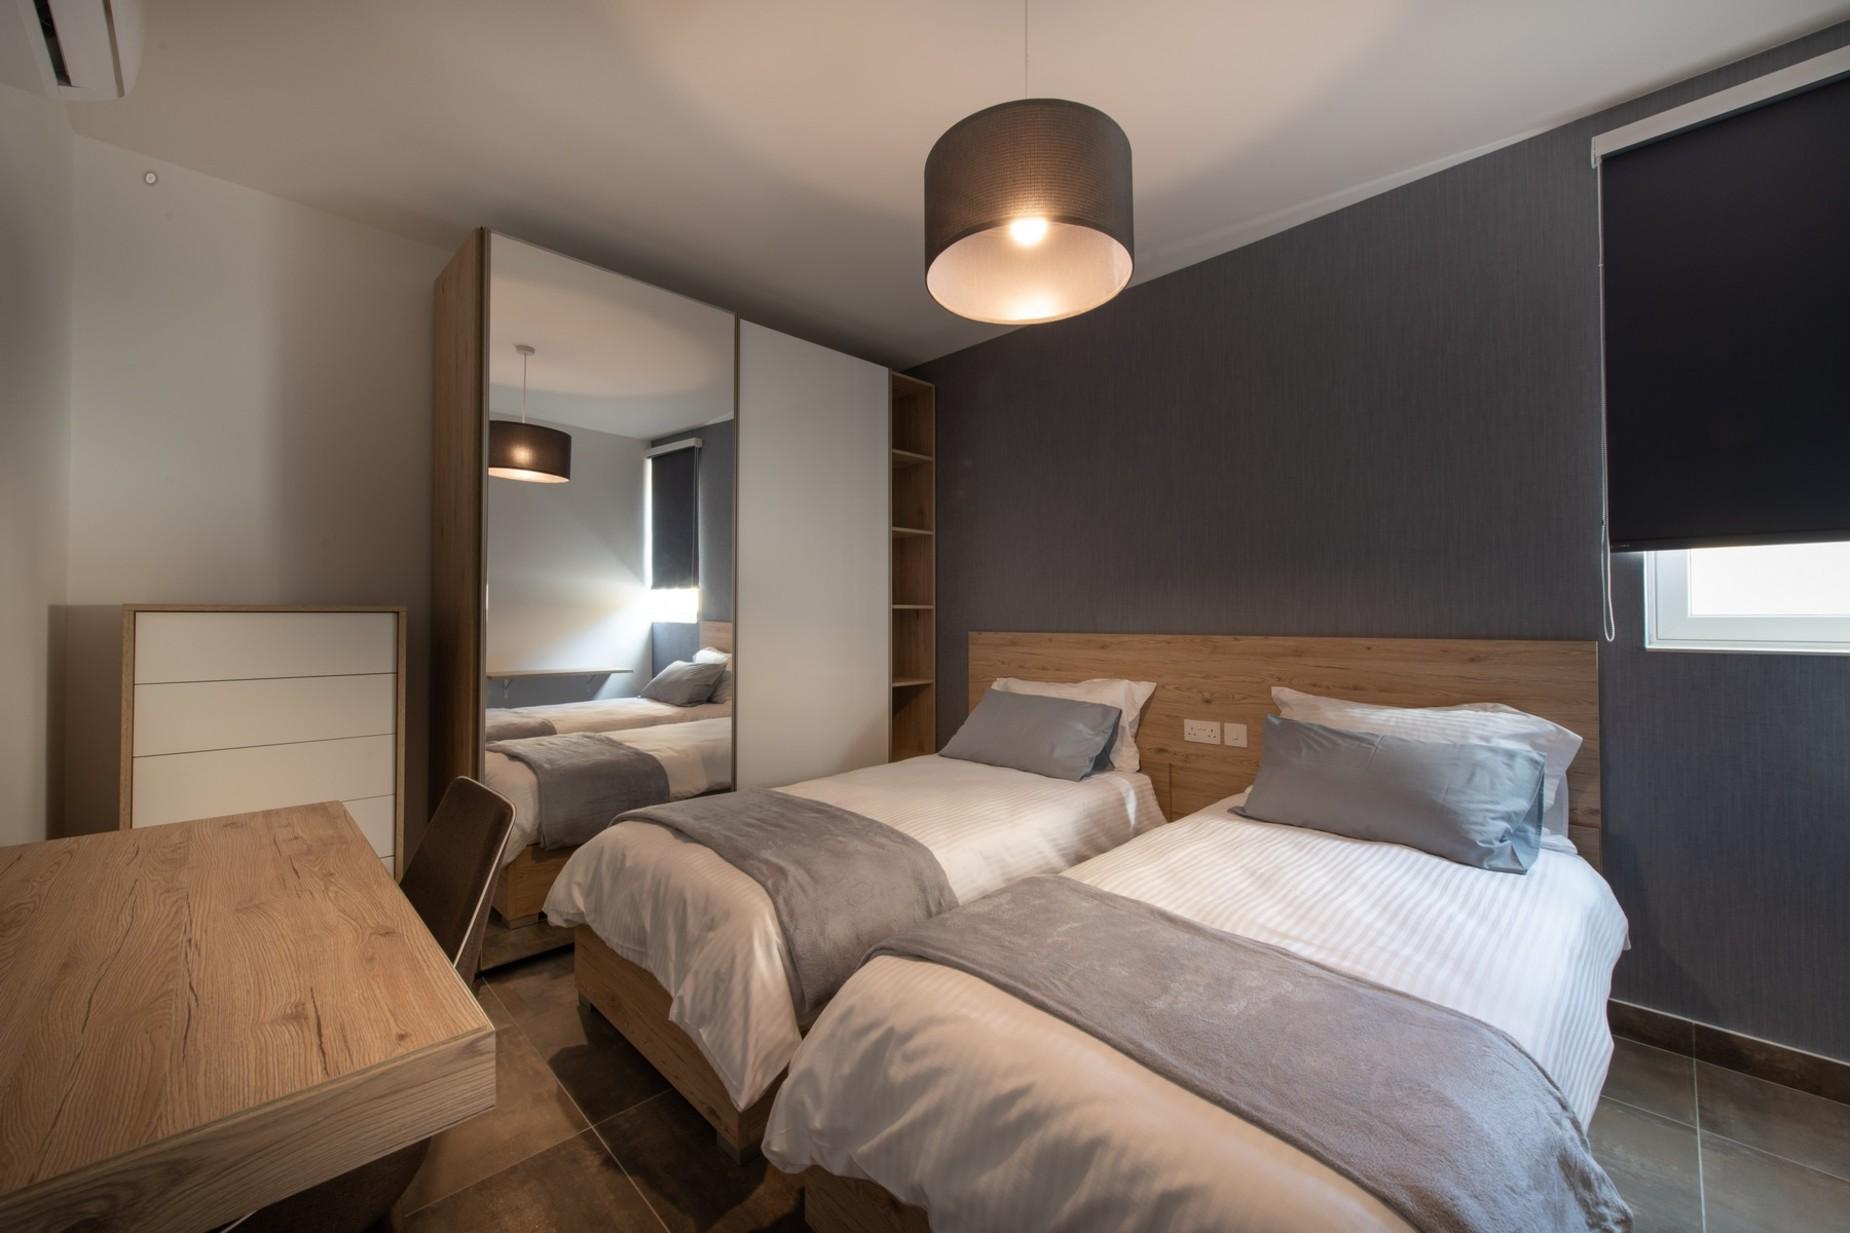 2 bed Apartment For Rent in Ta' Xbiex, Ta' Xbiex - thumb 7